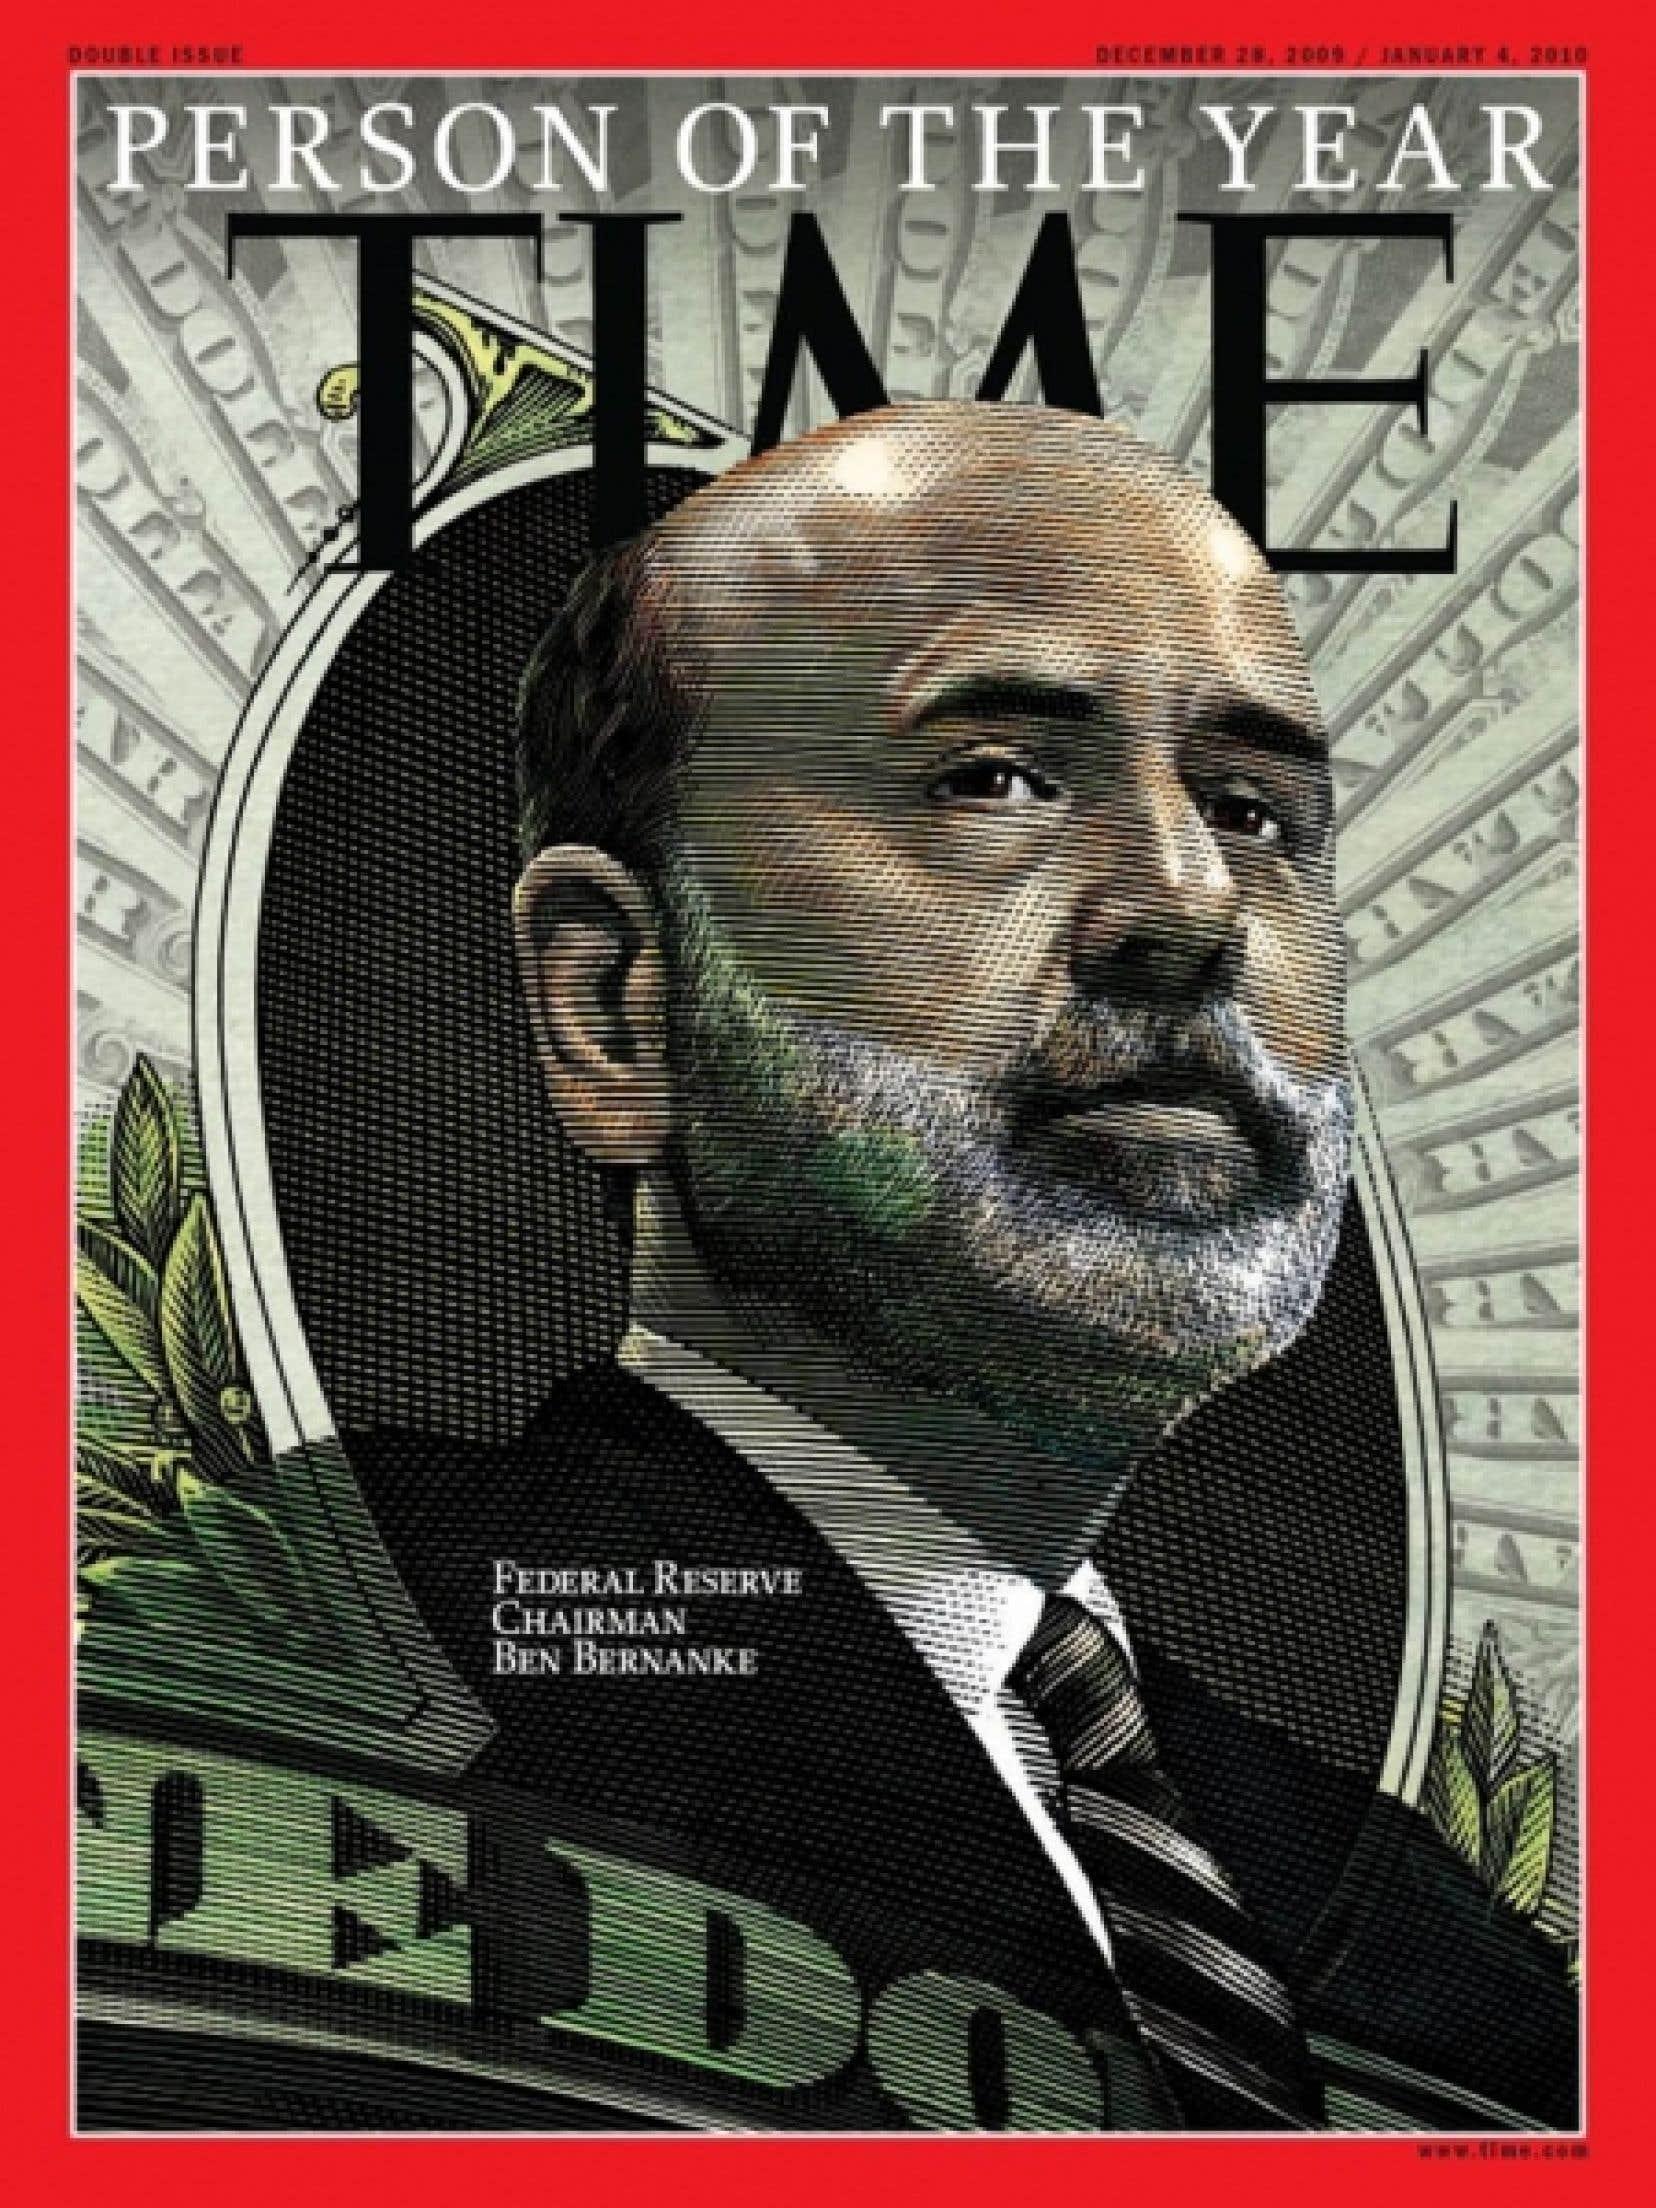 Le président de la Réserve fédérale, Ben Bernanke, succède à Barack Obama dans la liste des personnalités honorées par le Time.